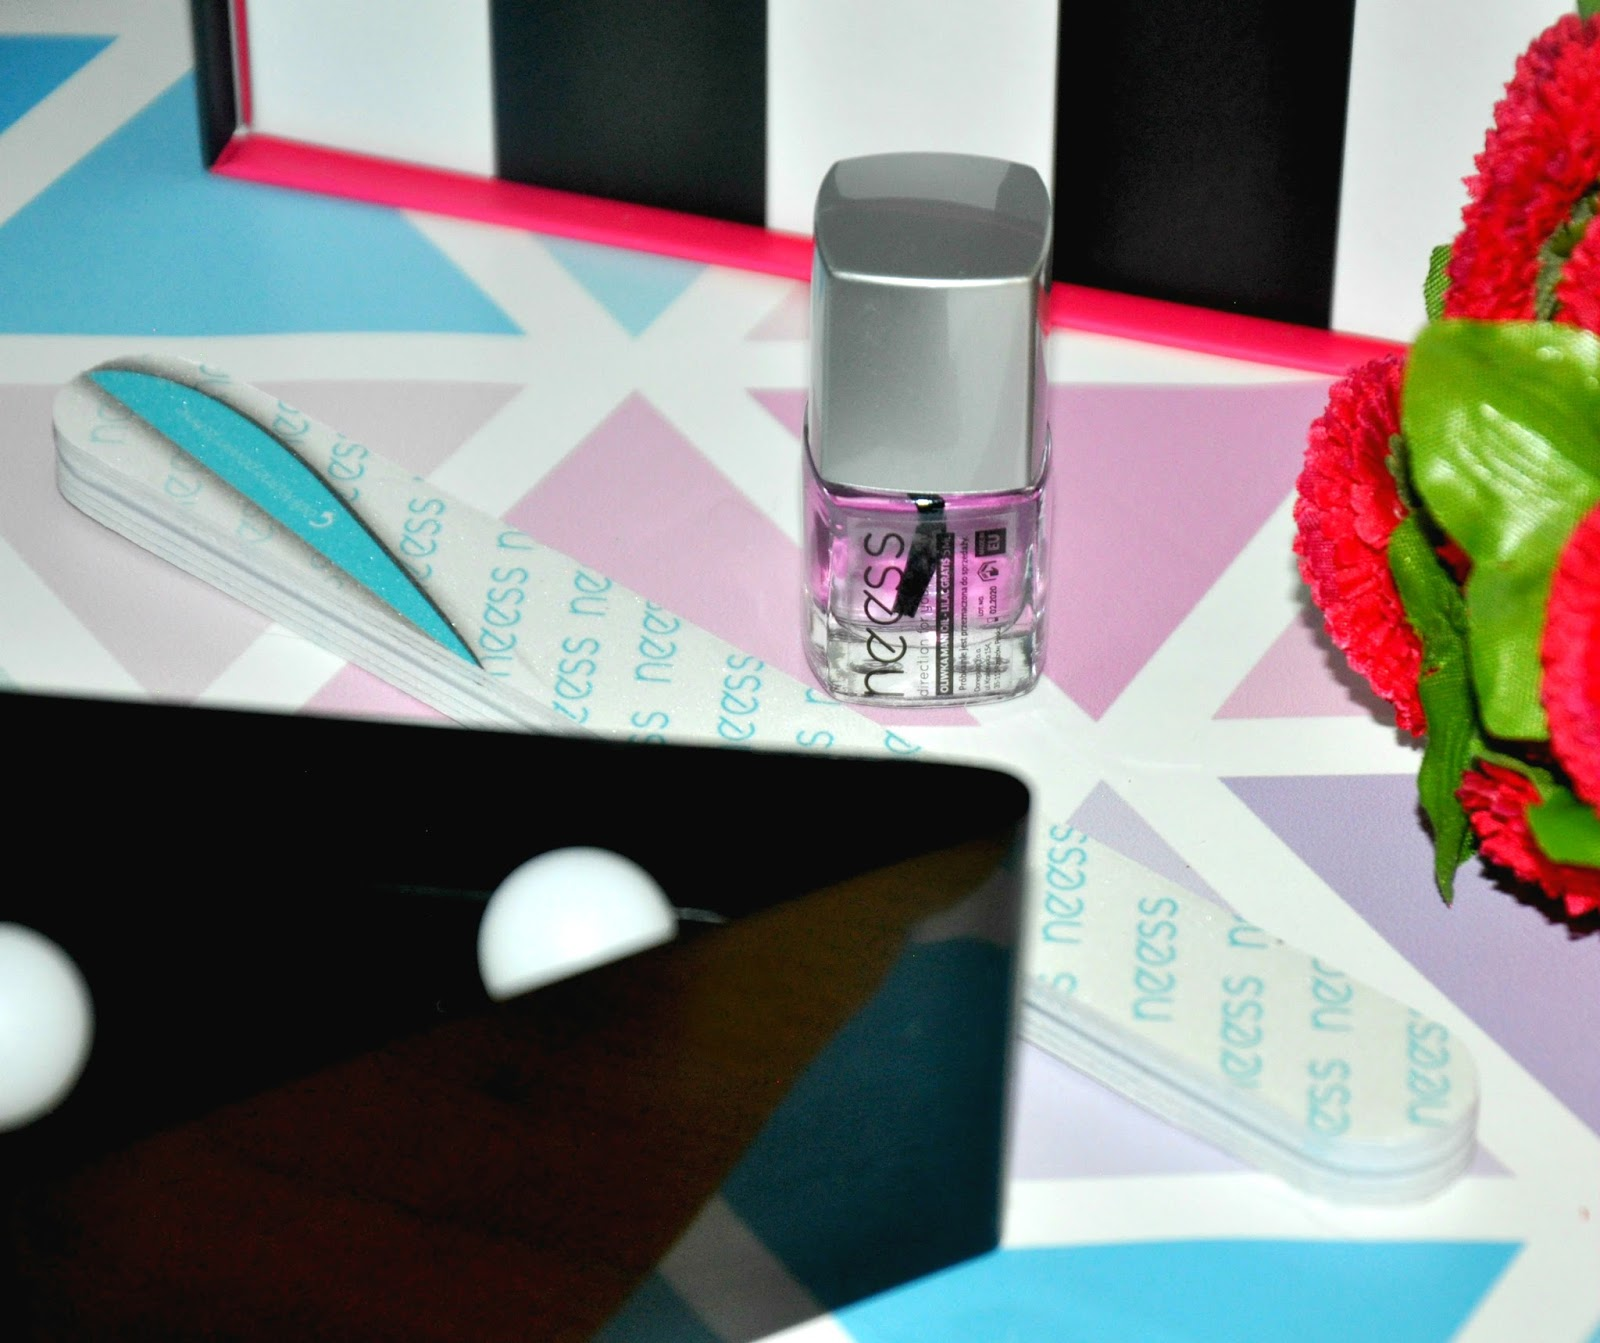 Golden Rose Baza pod pomadkę Bezbarwna, niewyczuwalna baza, która nawilża i wygładza usta. Uwydatnia ich kolor i sprawia, że makijaż utrzymuje się dłużej. Wzbogacona o unikalny składnik Maxi-Lip wspiera syntezę kalogenu i zwiększa objętość ust. Cena: 14,90 zł/ 3 g (Produkt pełnowymiarowy)